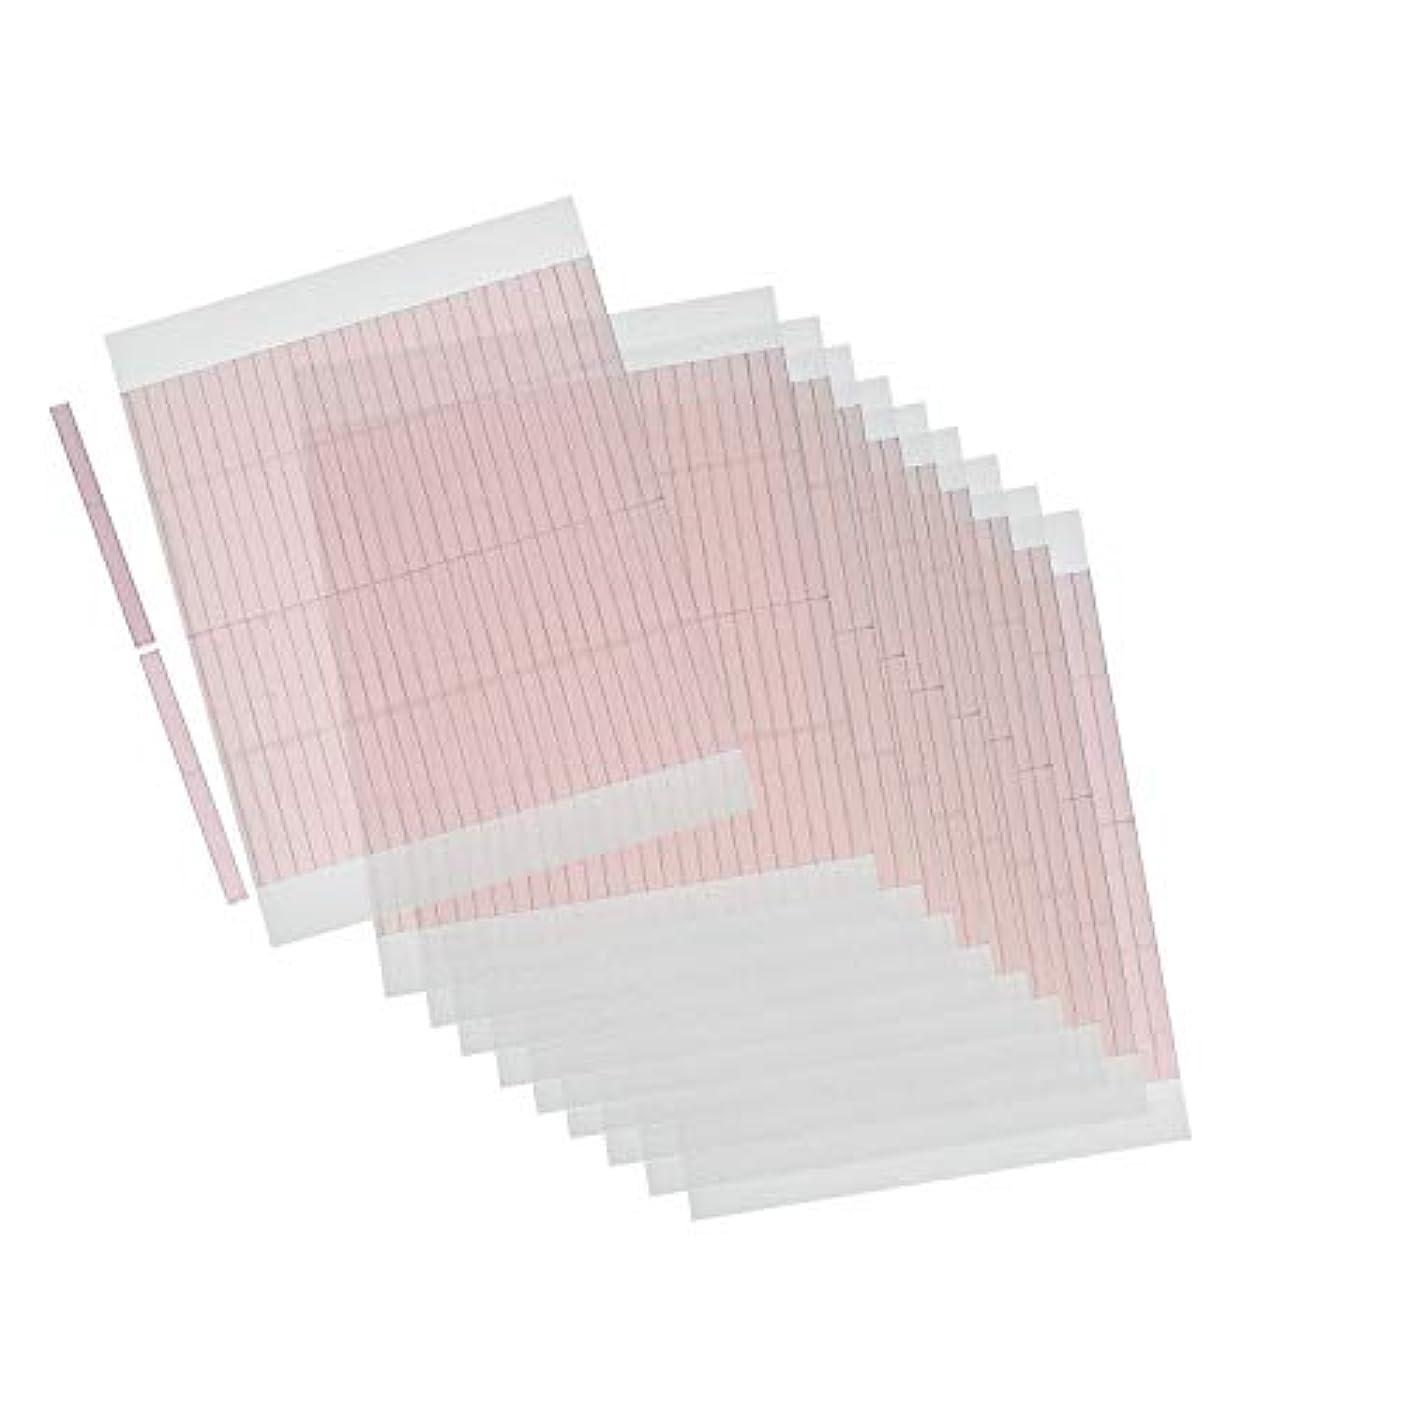 におい取るに足らない資源m.tivance アイテープ 二重瞼形成 二重テープ 10シートセット 520本入り/アイテープ10枚セット